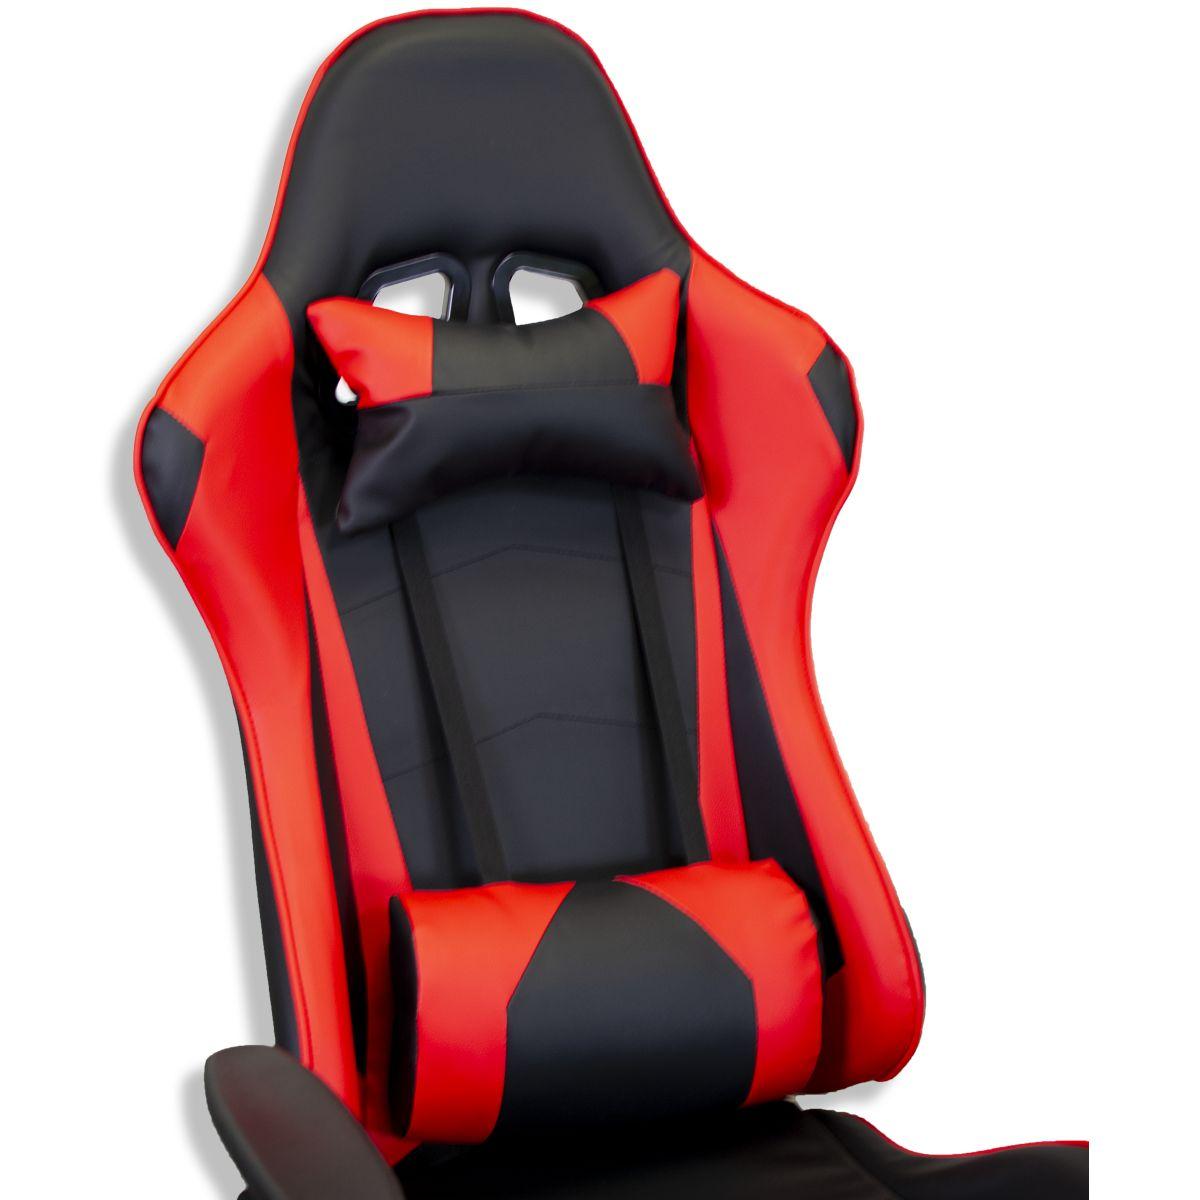 miniatura 16 - Sedia Poltrona da Gaming per Ufficio reclinabile Imbottita ergonomica GTX RTX